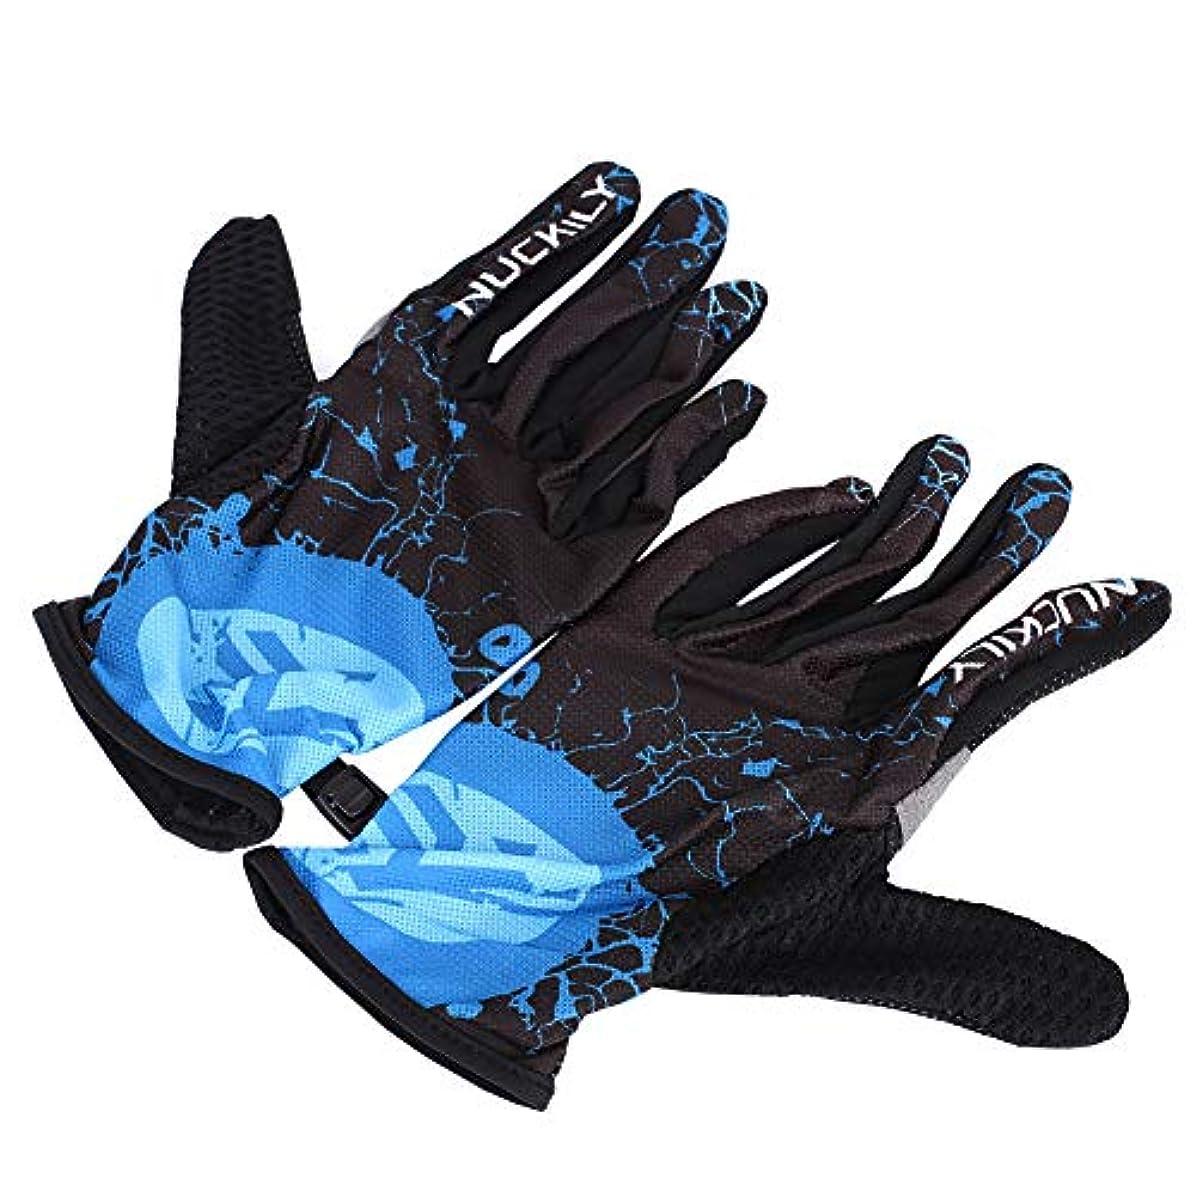 線形広まった制限Rosepoem Ridding Gloves Motorcycle Glovesマウンテンバイクサイクリング 丈夫なハーフフィンガーグローブ